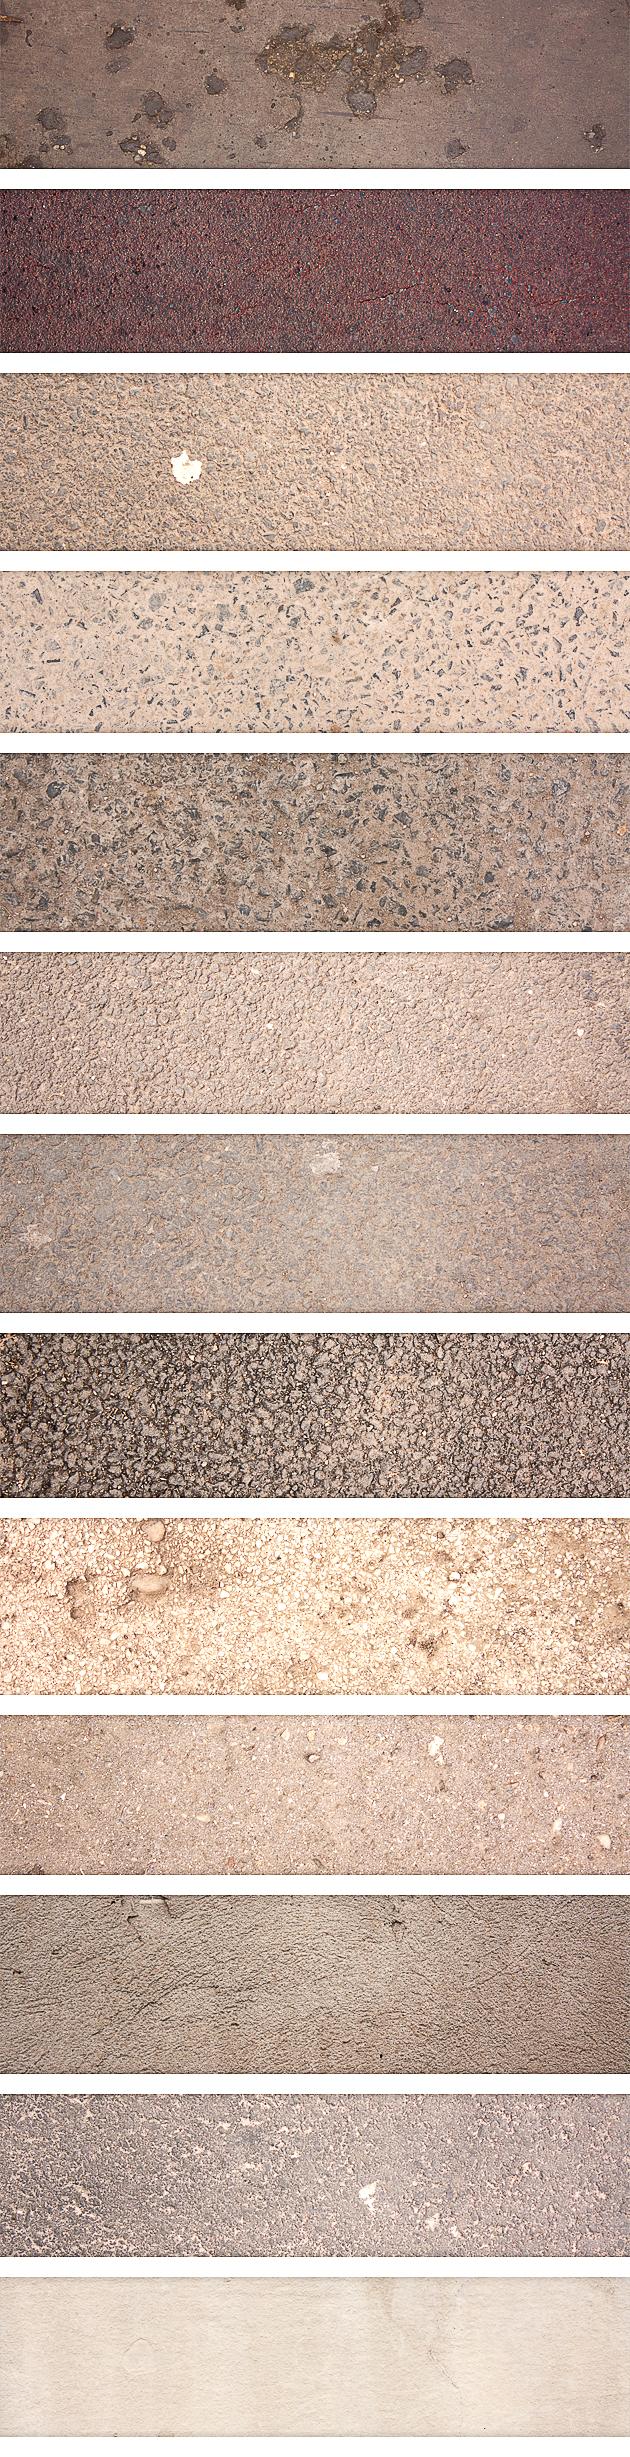 Concrete-Textures-Set-2 designtnt textures concrete large